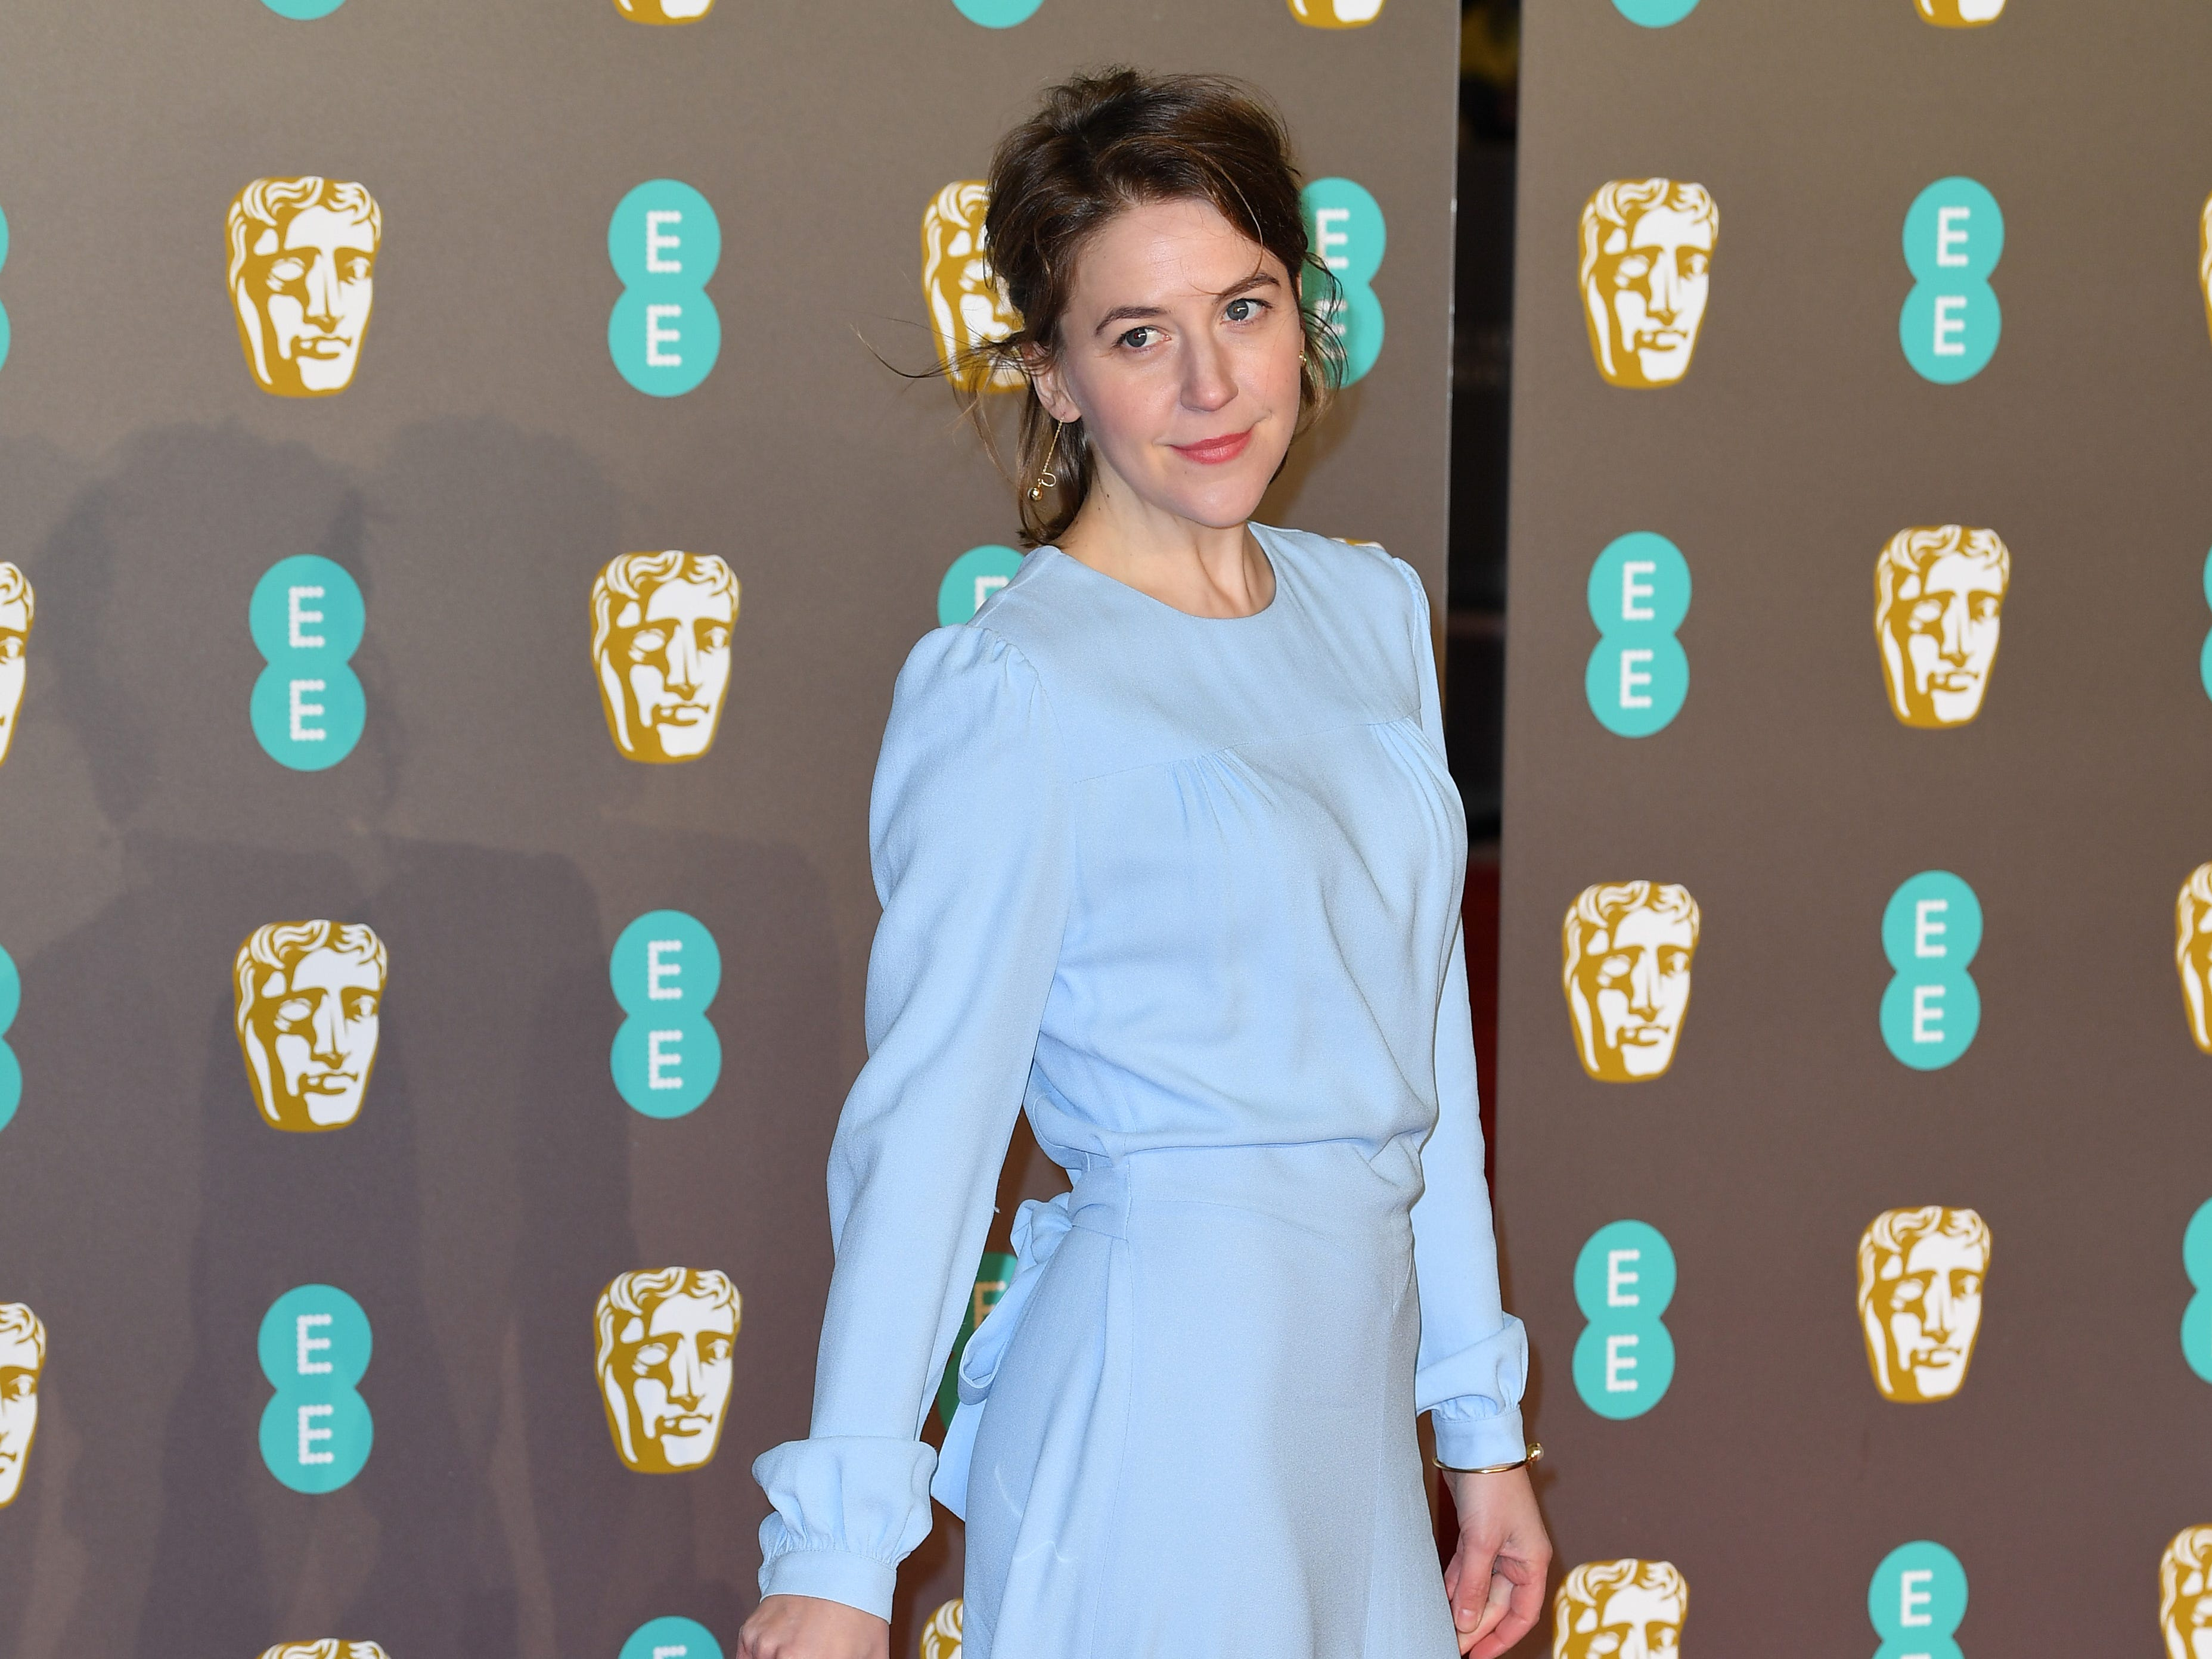 Gemma Whelan a su llegada a la alfombra roja de los Premios de la Academia Británica de Cine BAFTA en el Royal Albert Hall en Londres el 10 de febrero de 2019.